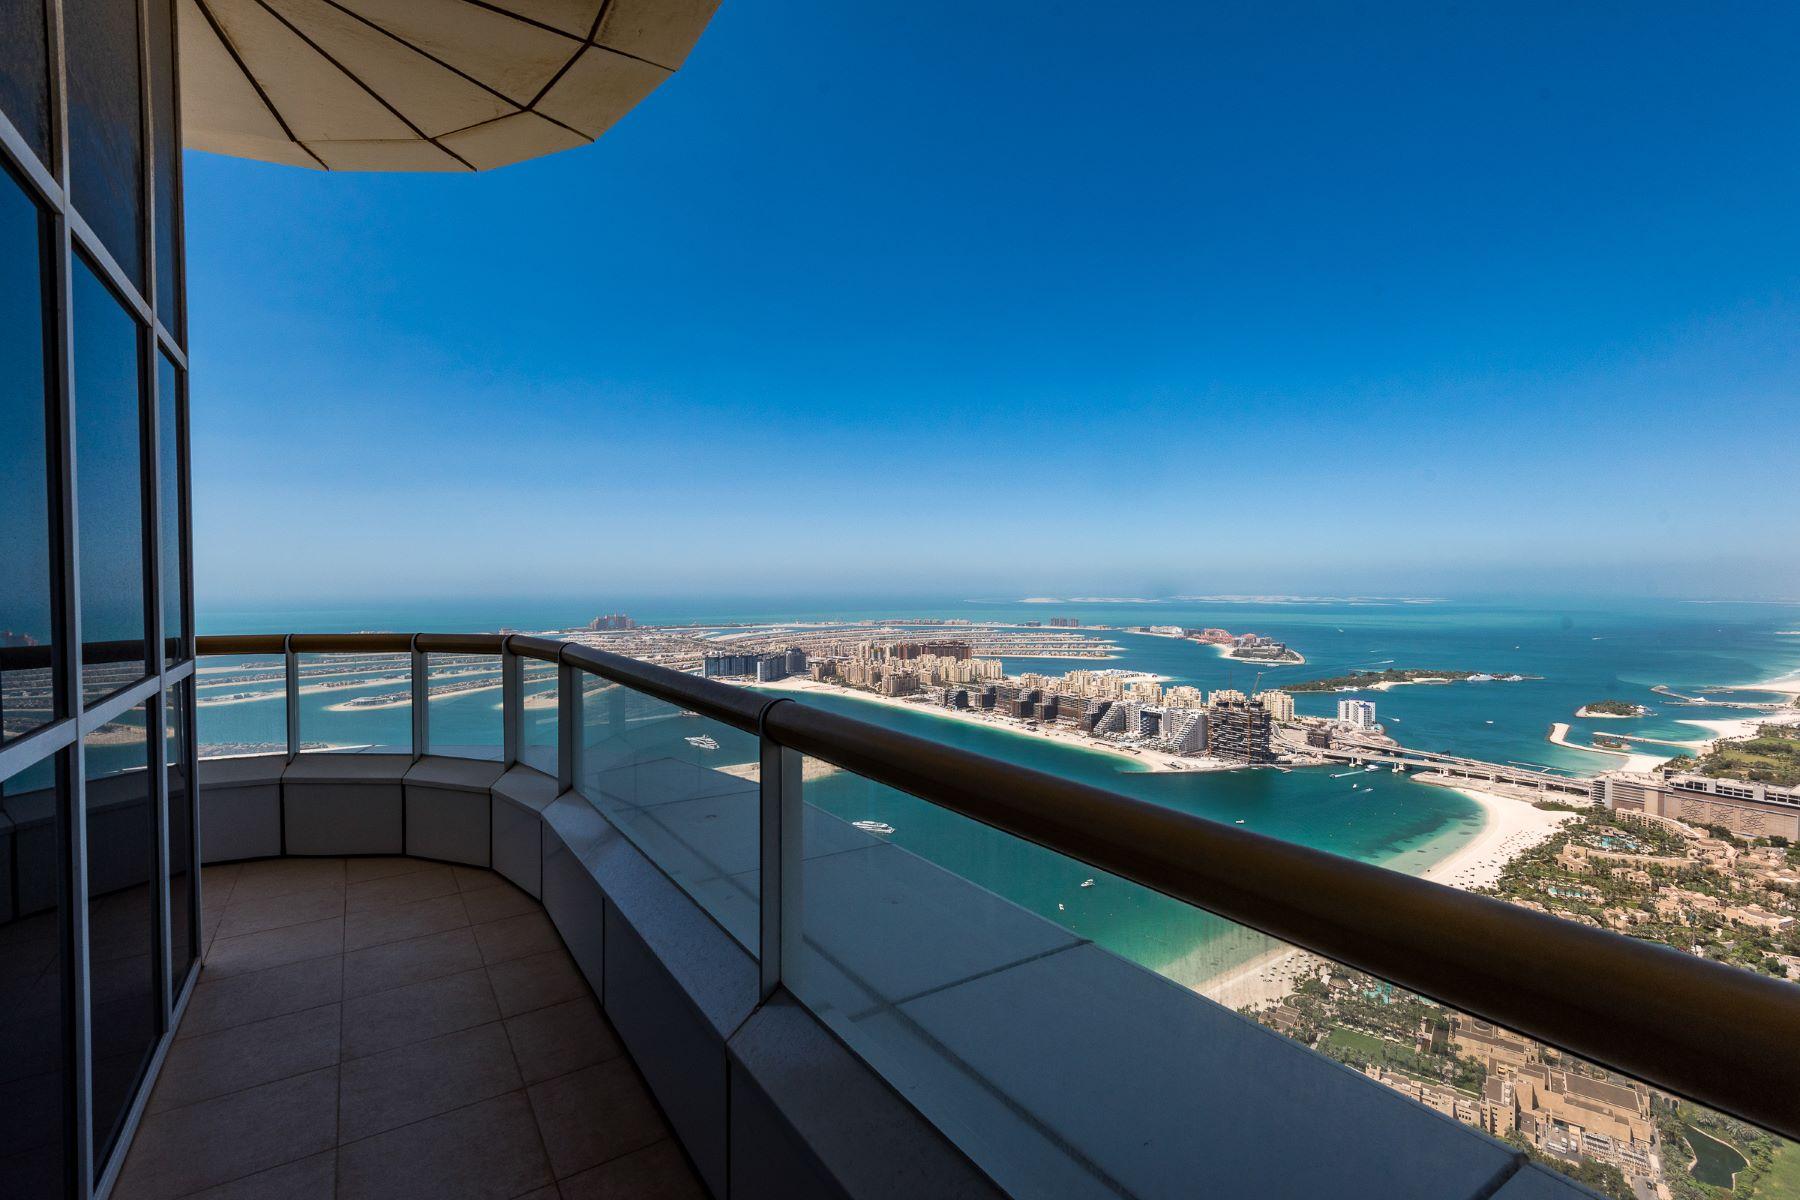 Квартира для того Продажа на Full Sea View Penthouse Dubai, Дубай Объединенные Арабские Эмираты